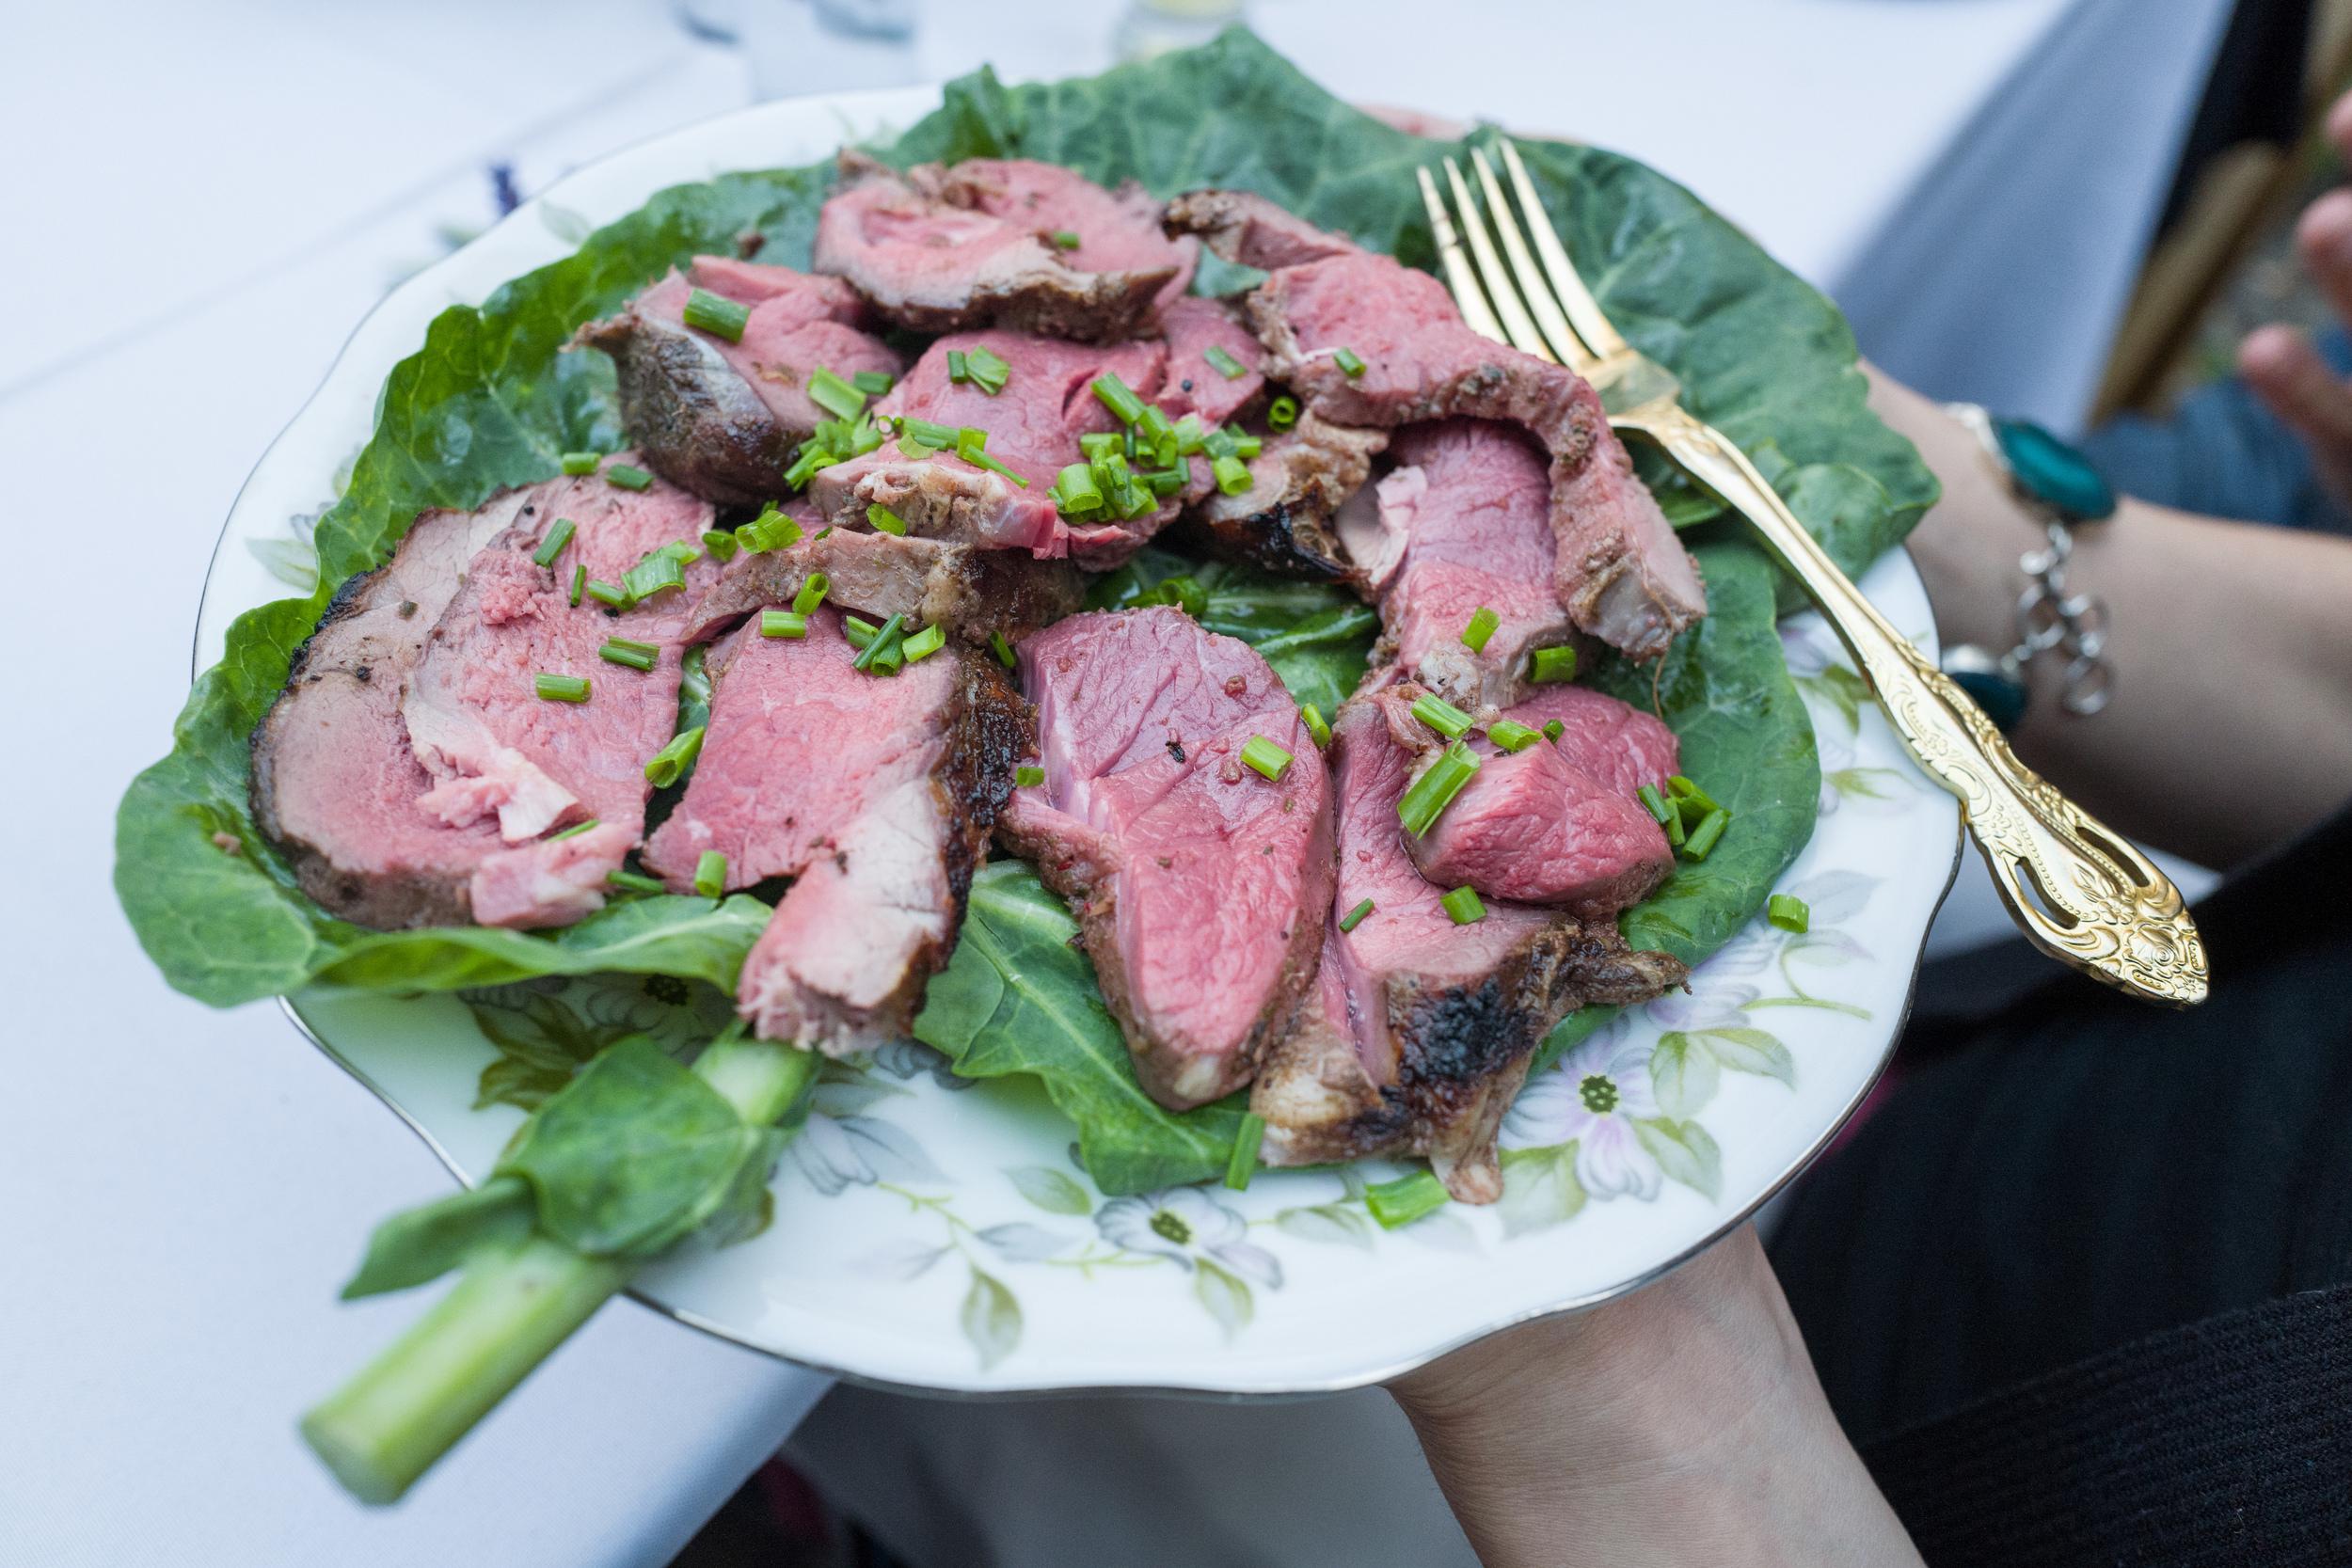 Jerk Spiced Roast Lamb.                            Photo by Victoria Smith